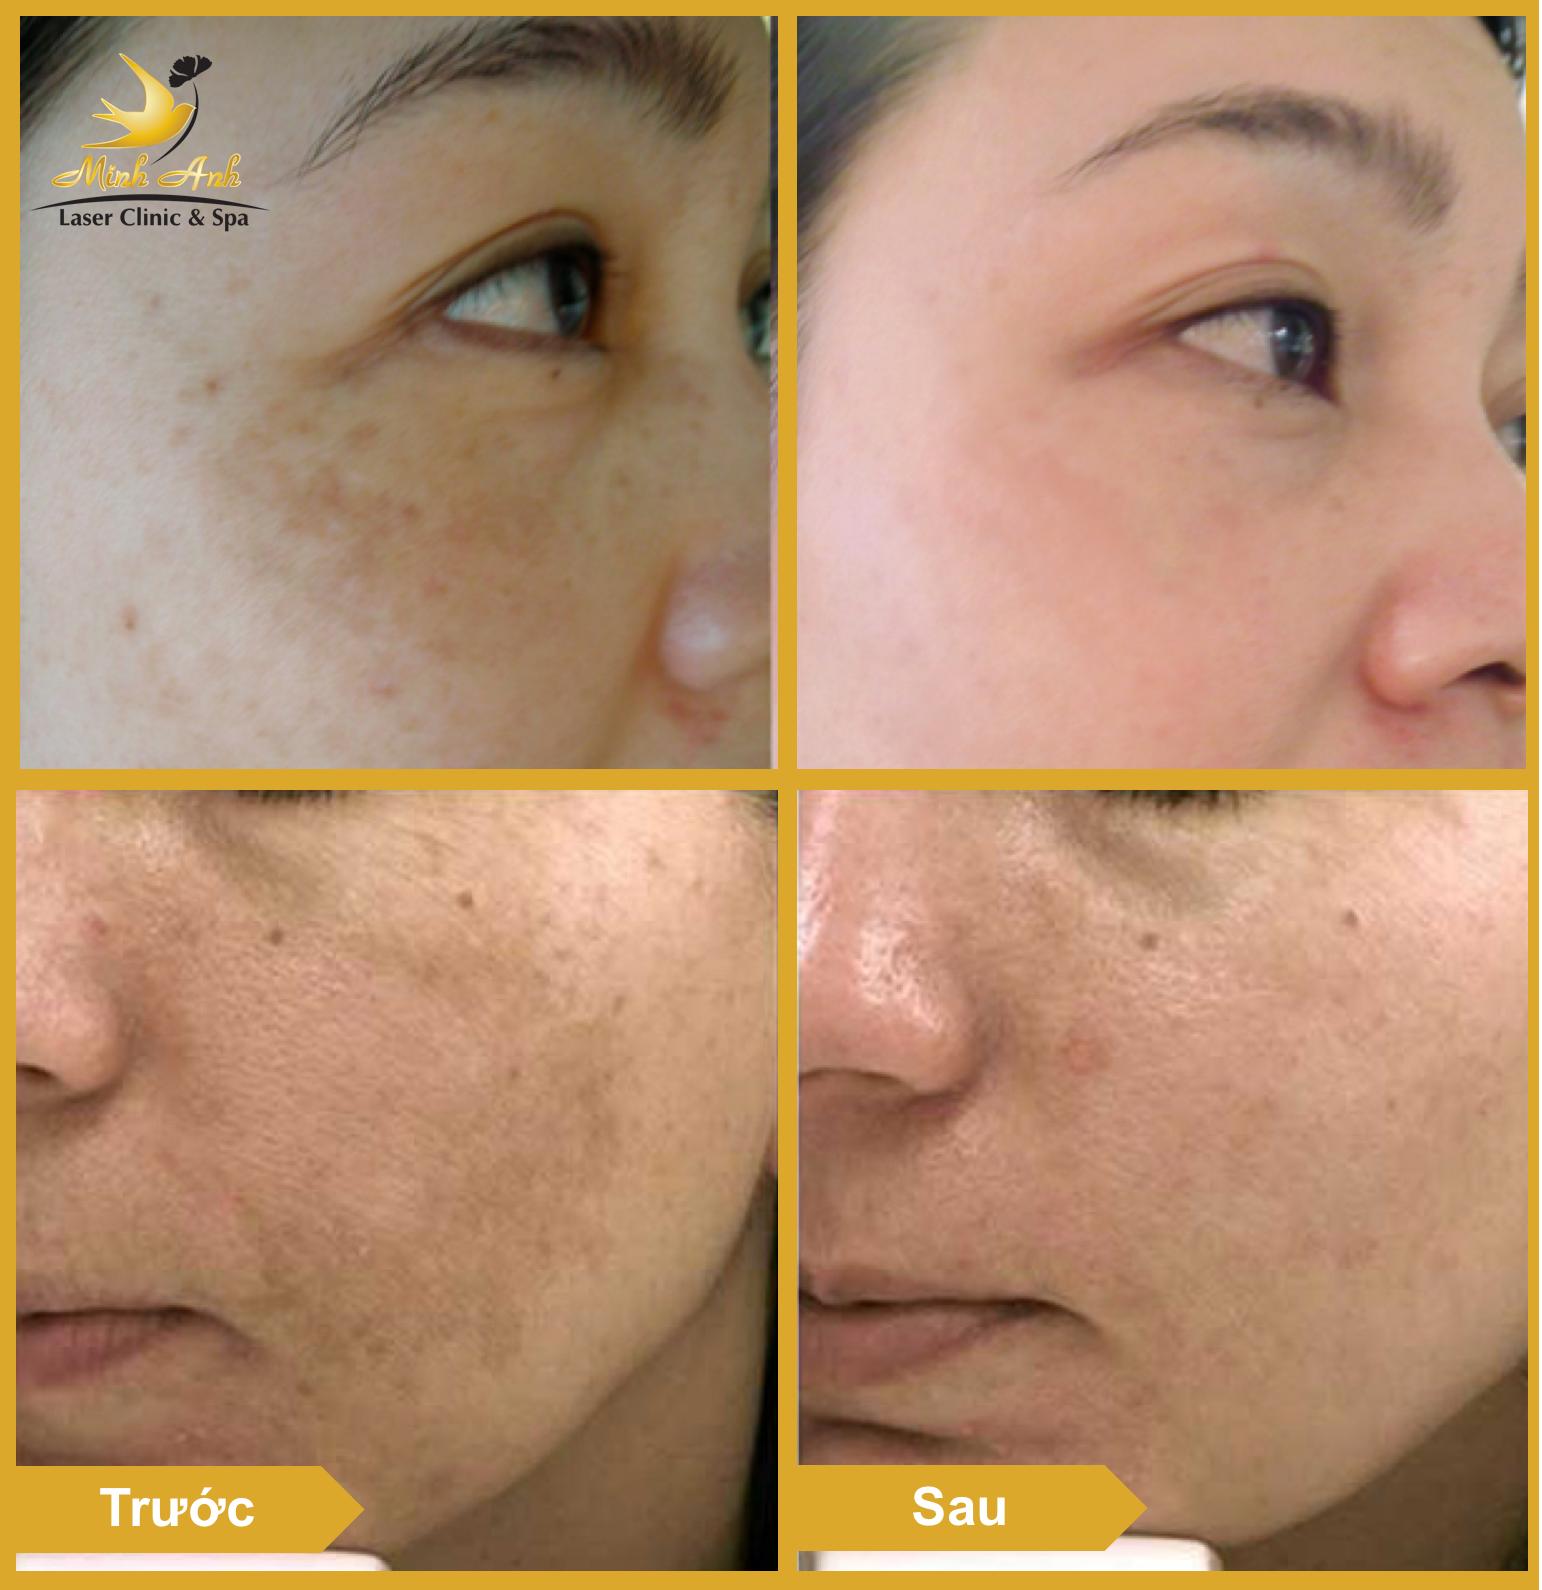 Hình ảnh khách hàng sau liệu trình trị nám tại Minh Anh Laser Clinic & Spa